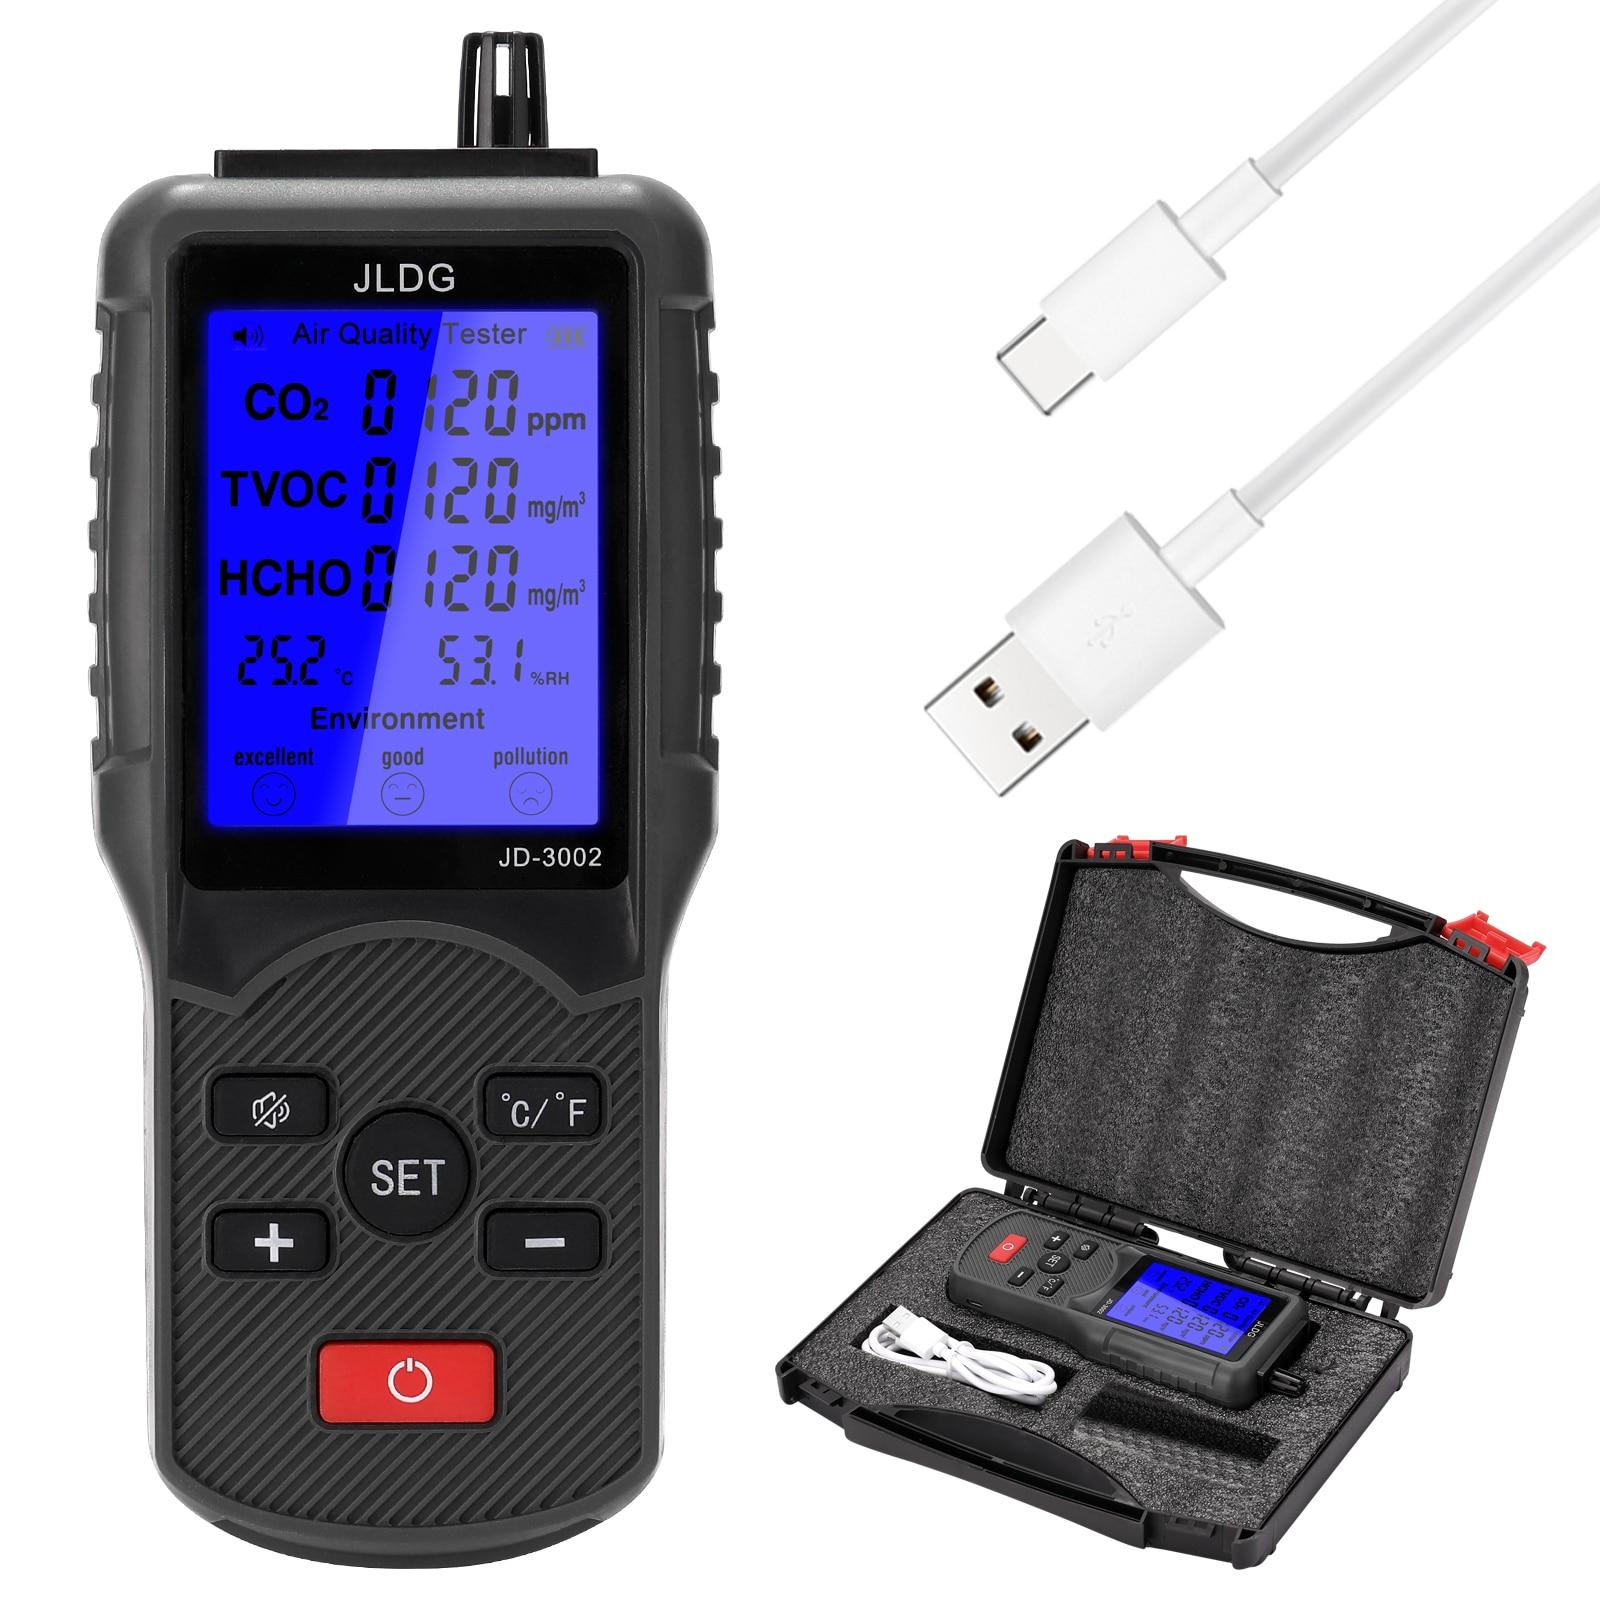 متعددة الوظائف الهواء جهاز اختبار جودة الماء CO2 TVOC متر درجة الحرارة الرطوبة قياس جهاز مراقبة ثاني أكسيد الكربون مع شاشة LCD